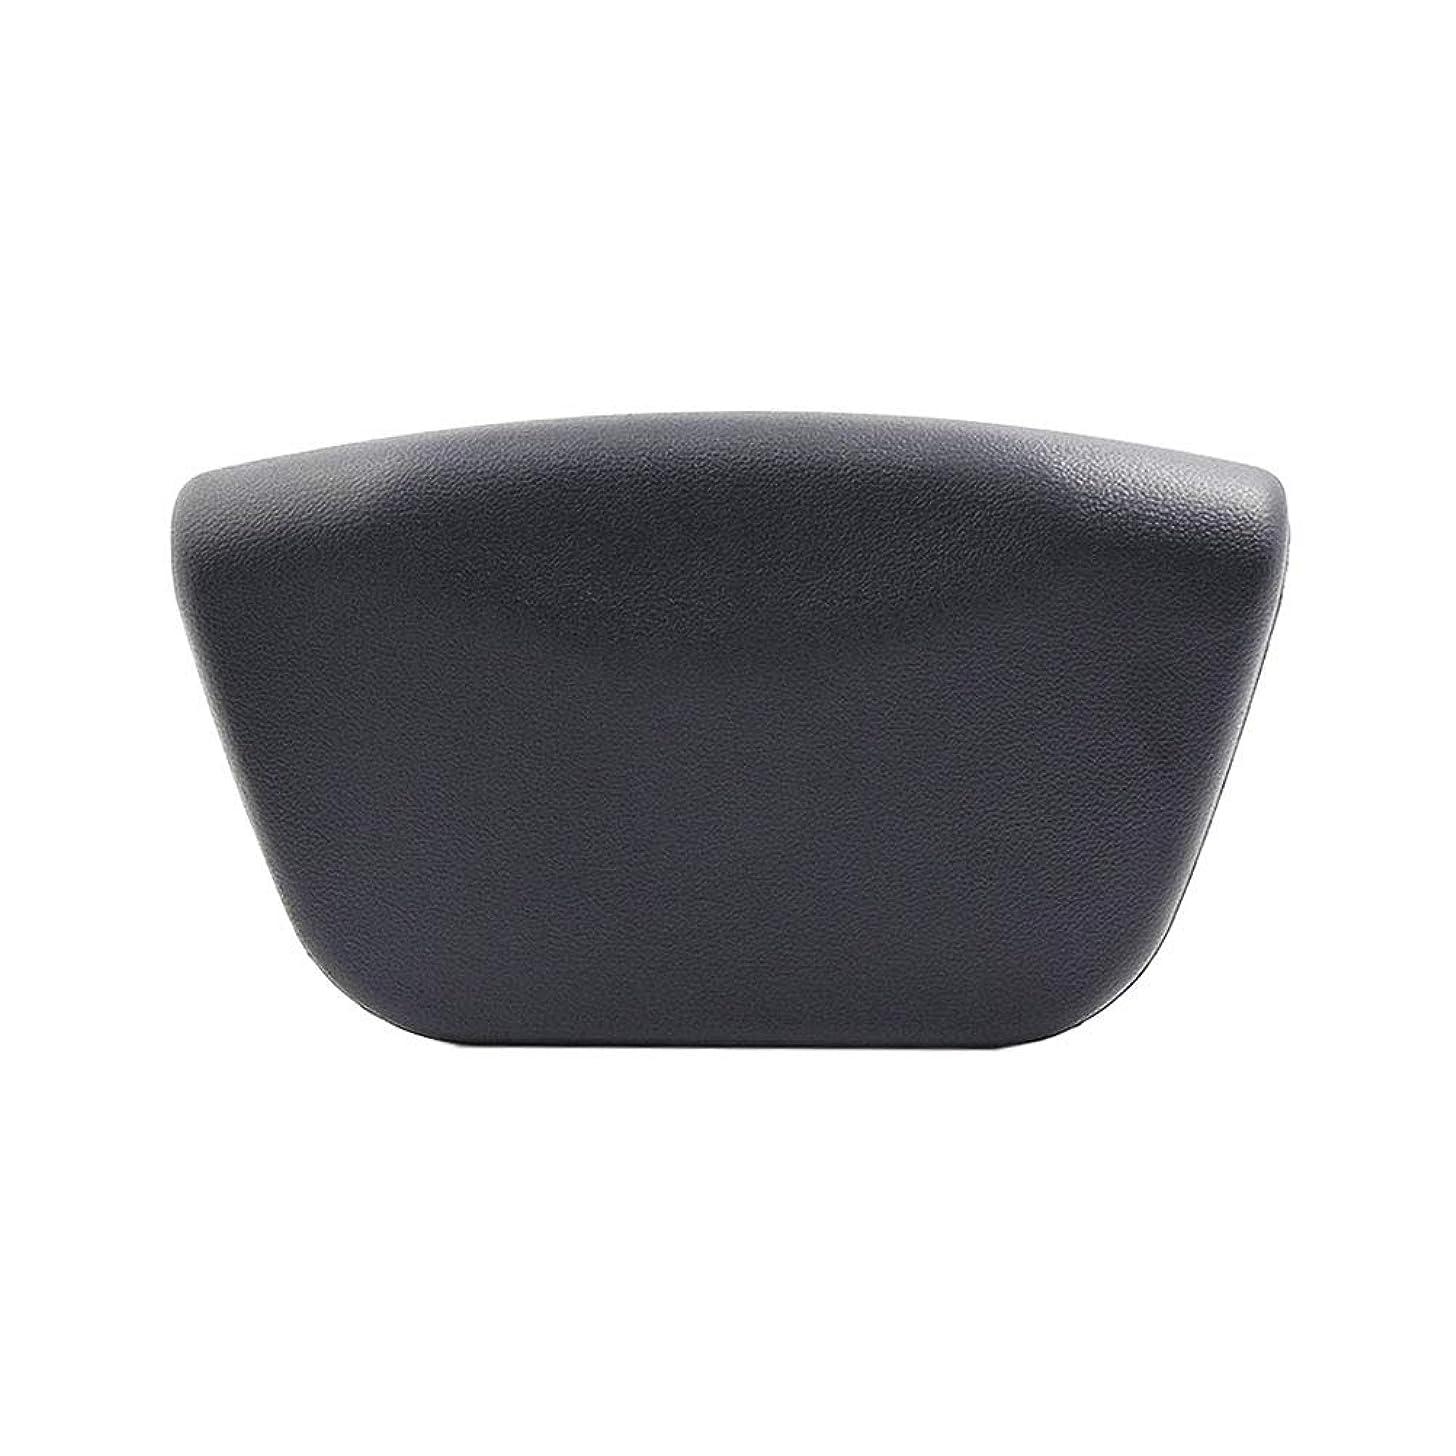 ループニュースペインBeaupretty PUバスタブピローバスタブピロースパヘッドレスト速乾性バスタブバスルーム(ブラック)